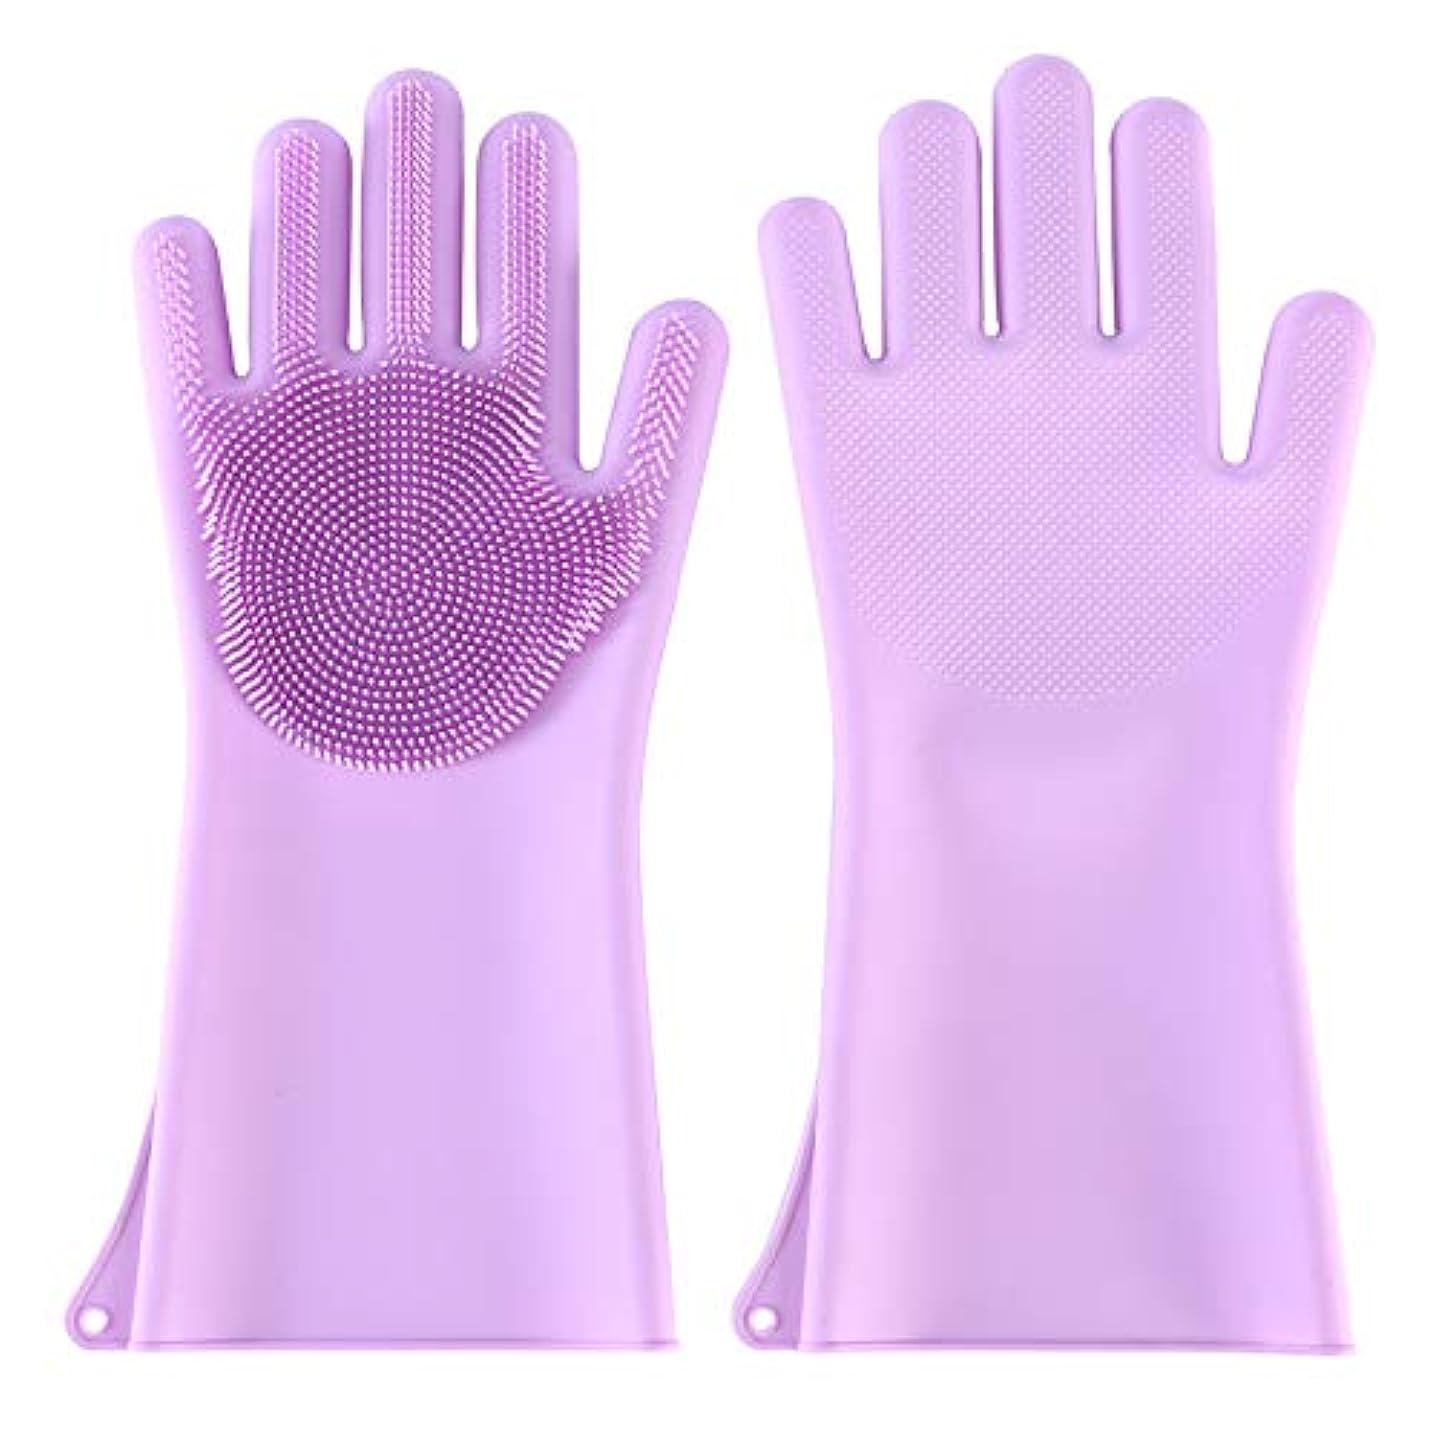 カロリー相談する高度なBTXXYJP ペット ブラシ 手袋 猫 ブラシ グローブ 耐摩耗 クリーナー 抜け毛取り マッサージブラシ 犬 グローブ お手入れ (Color : Purple)